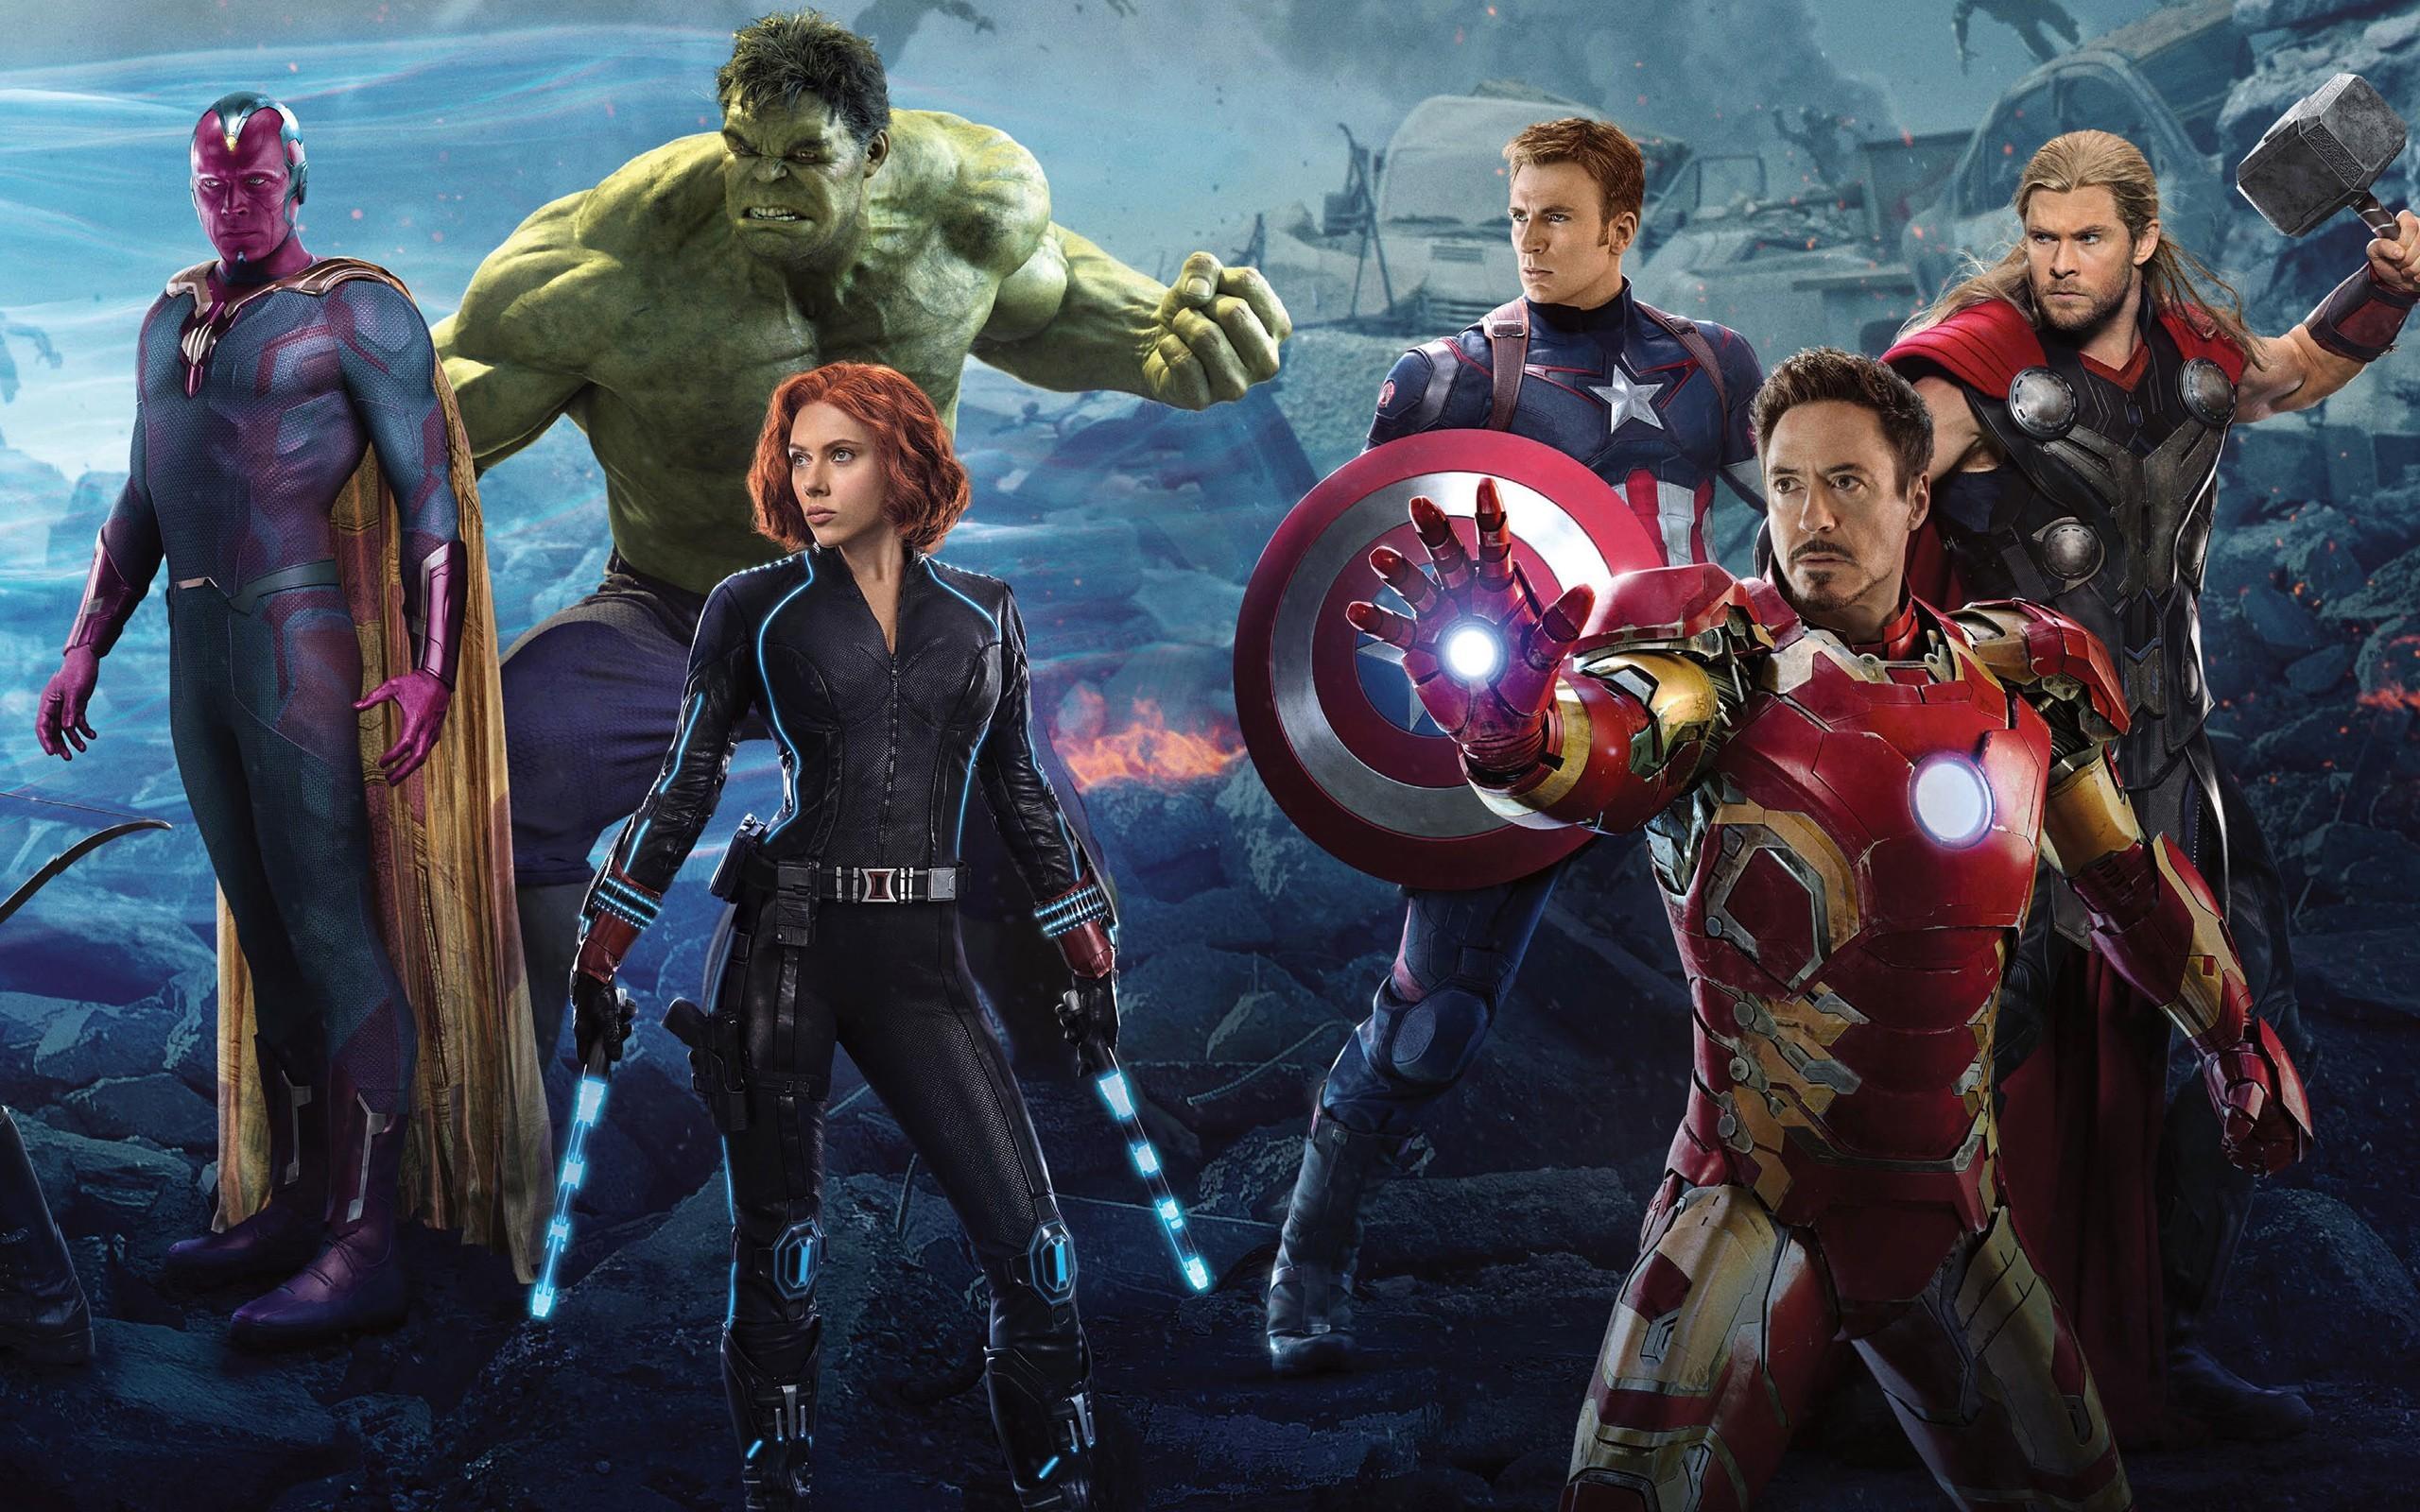 Картинка со мстителями